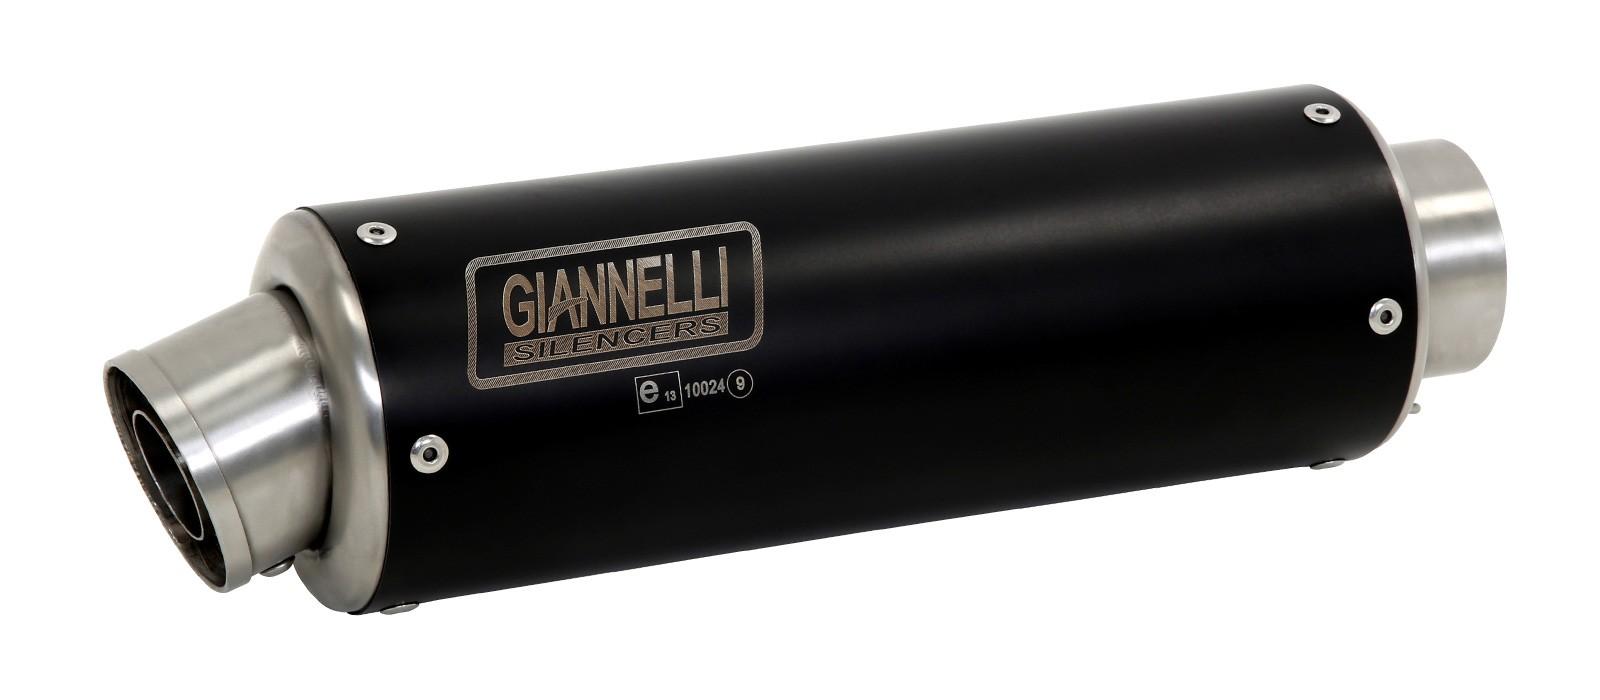 ESCAPES GIANNELLI UNIVERSALES - Slip-on nicrom X-PRO Ducati MULTISTRADA 1200 / 1200S Giannelli 73554XPI -